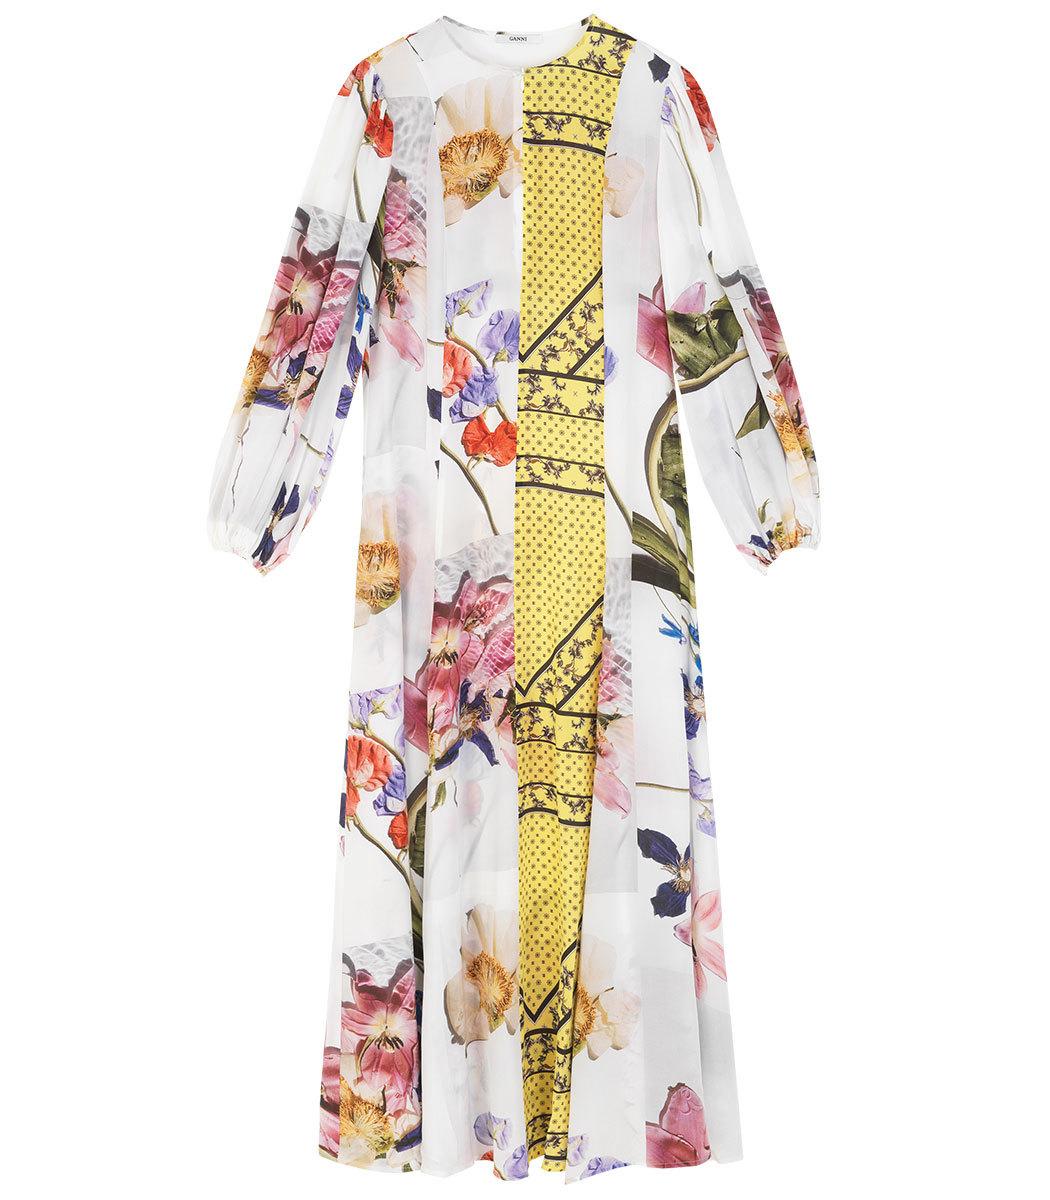 63ec4a6b7 Home / Ganni / Hemlock Silk Dress. prev